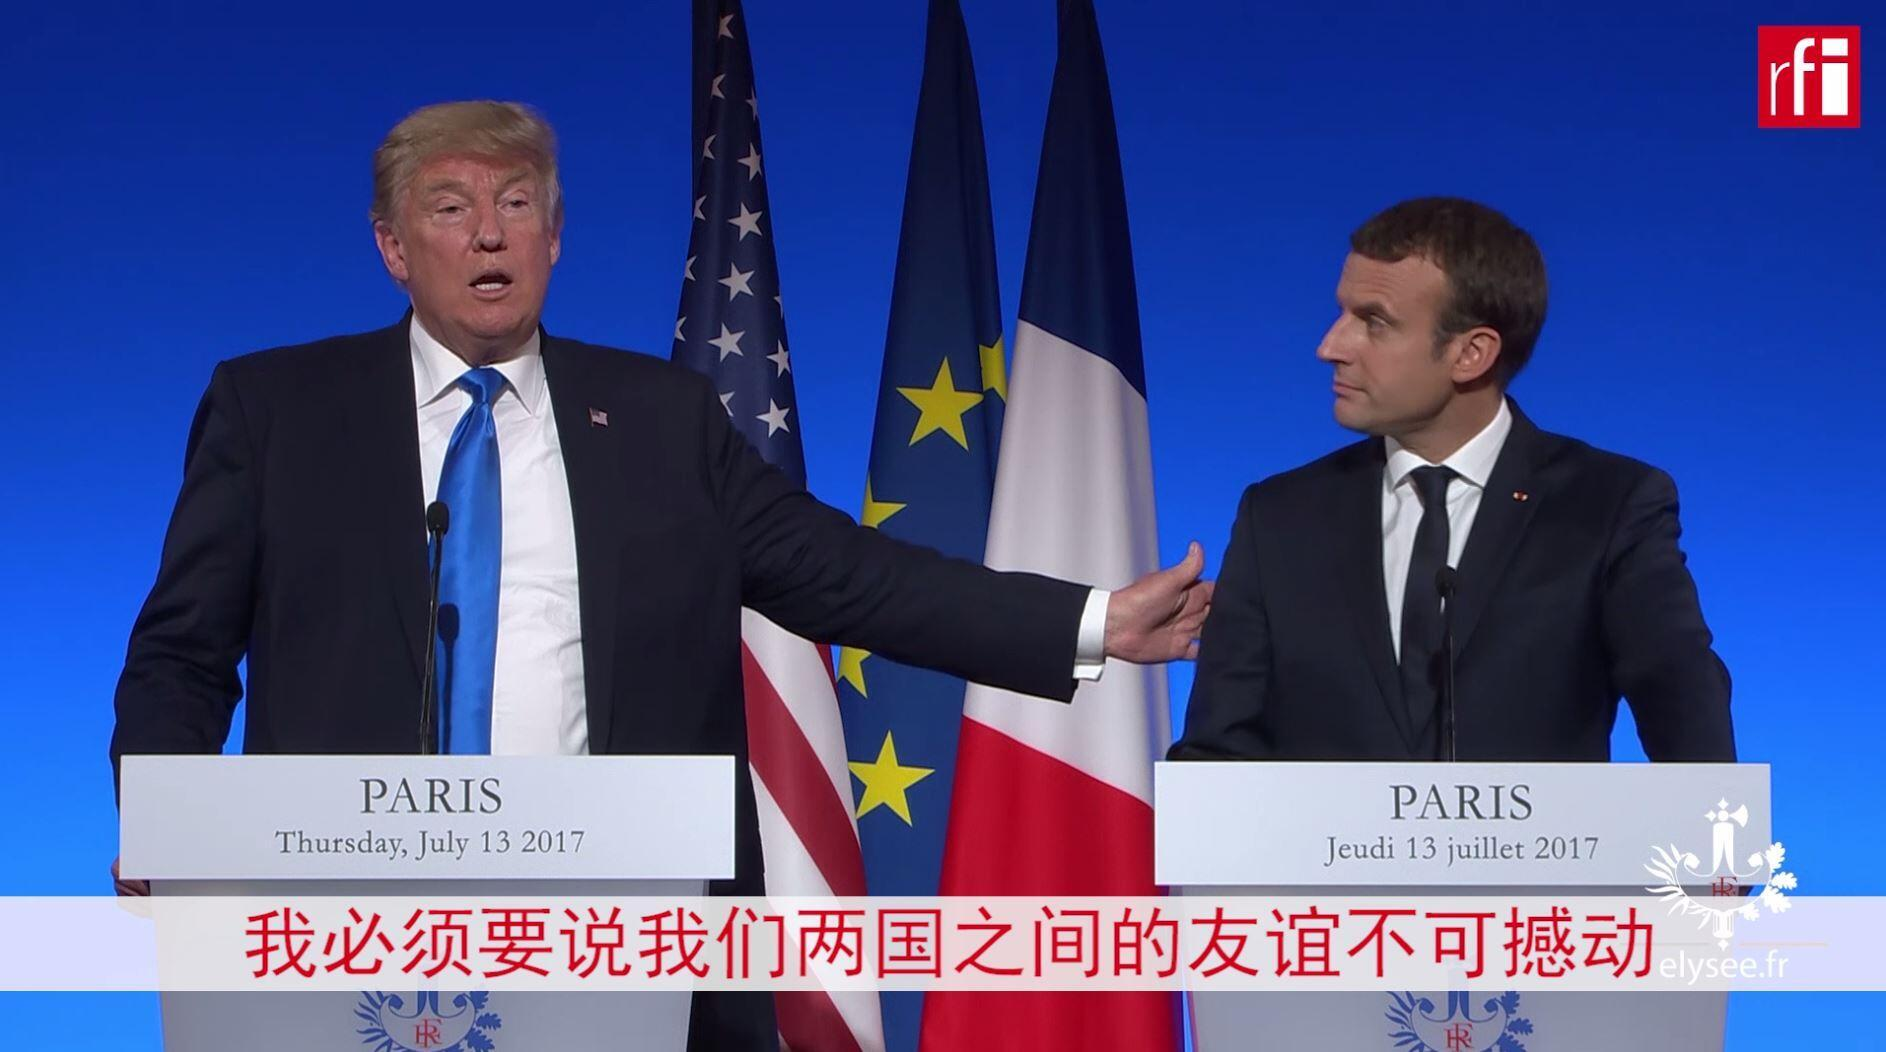 特朗普与马克龙7月13日会面近照